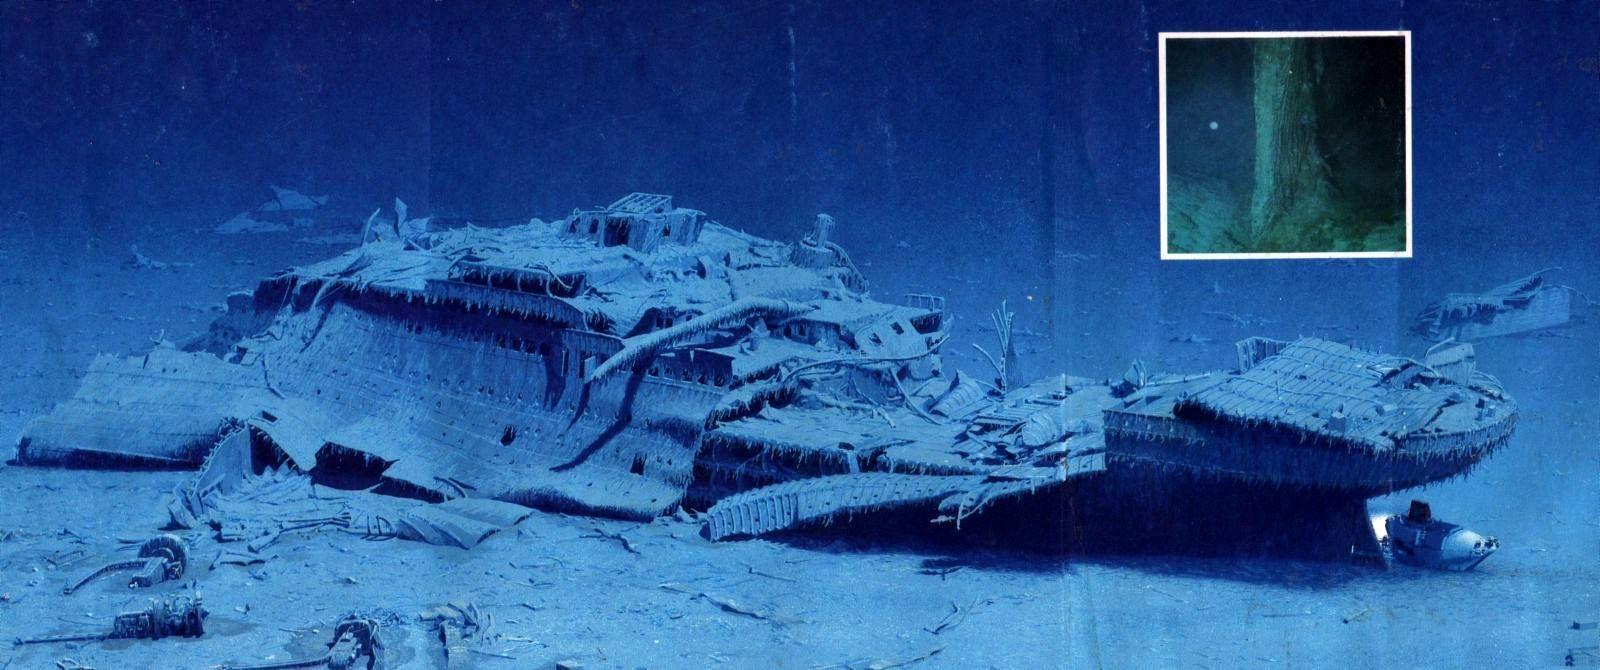 читать картинка как выглядит титаник под водой музыка